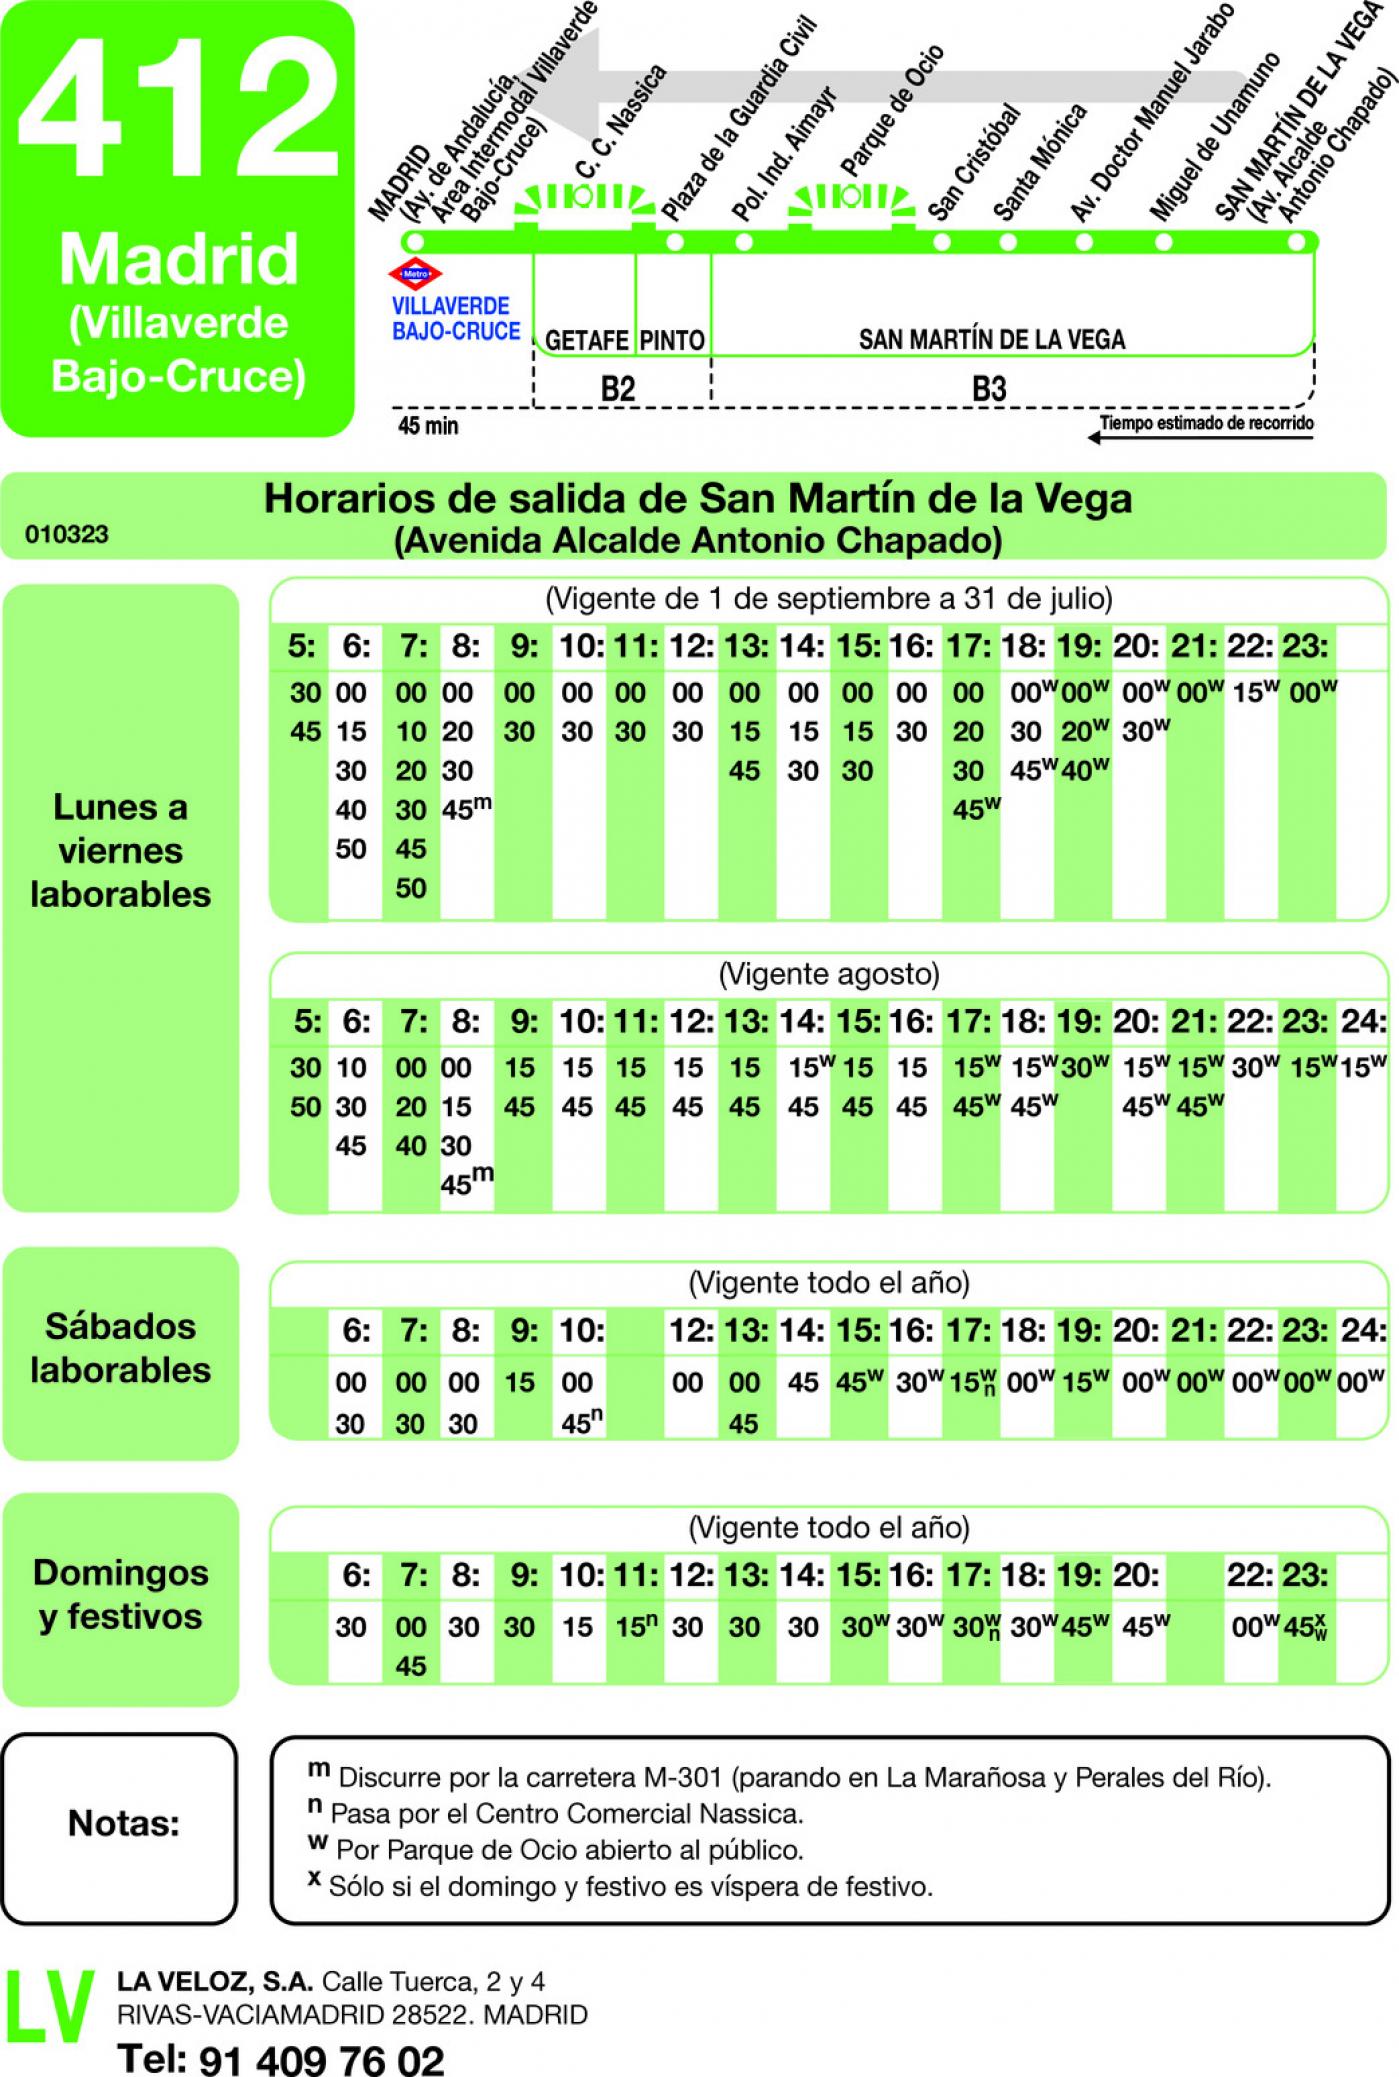 Tabla de horarios y frecuencias de paso en sentido vuelta Línea 412: Madrid (Villaverde Bajo - Cruce) - San Martín de la Vega